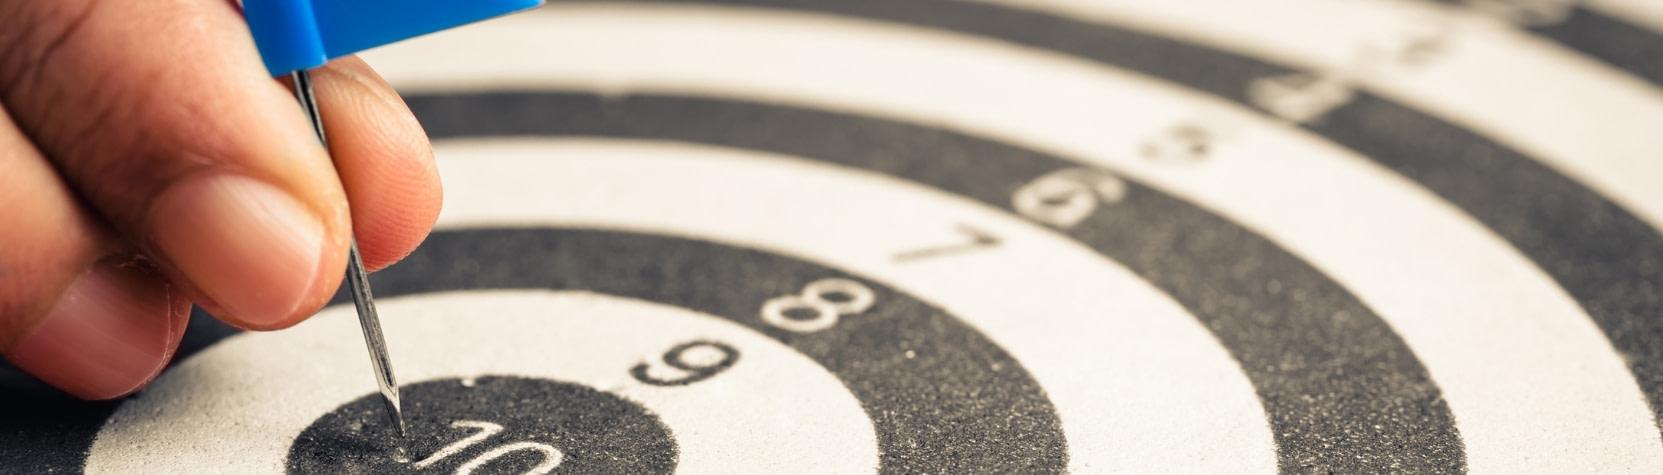 Vds training consultants blog tools mentale kracht ontwikkelen doelen stellen